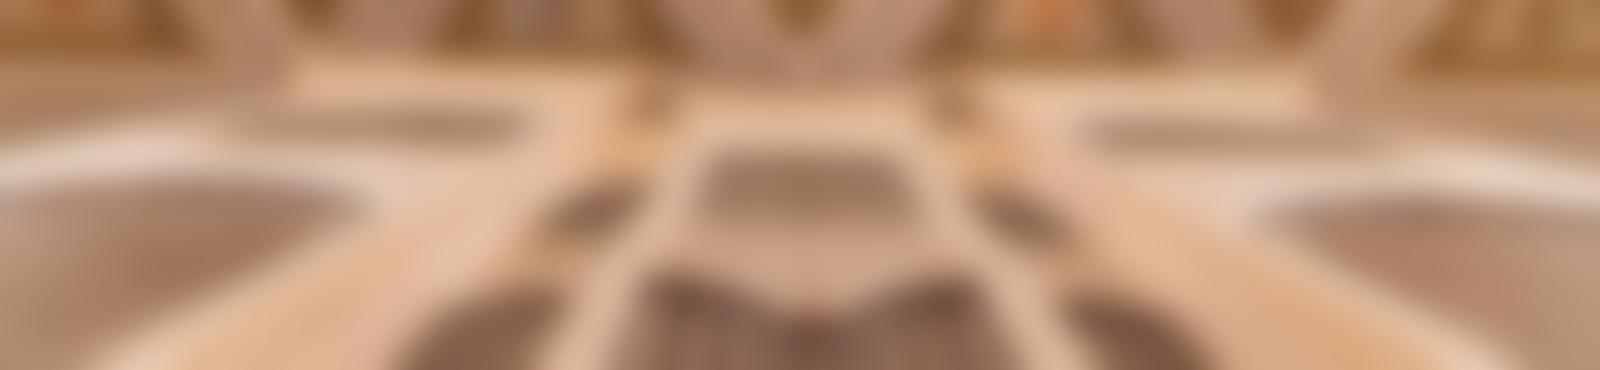 Blurred cc5b187e fbad 4695 a9aa a706d4763a79